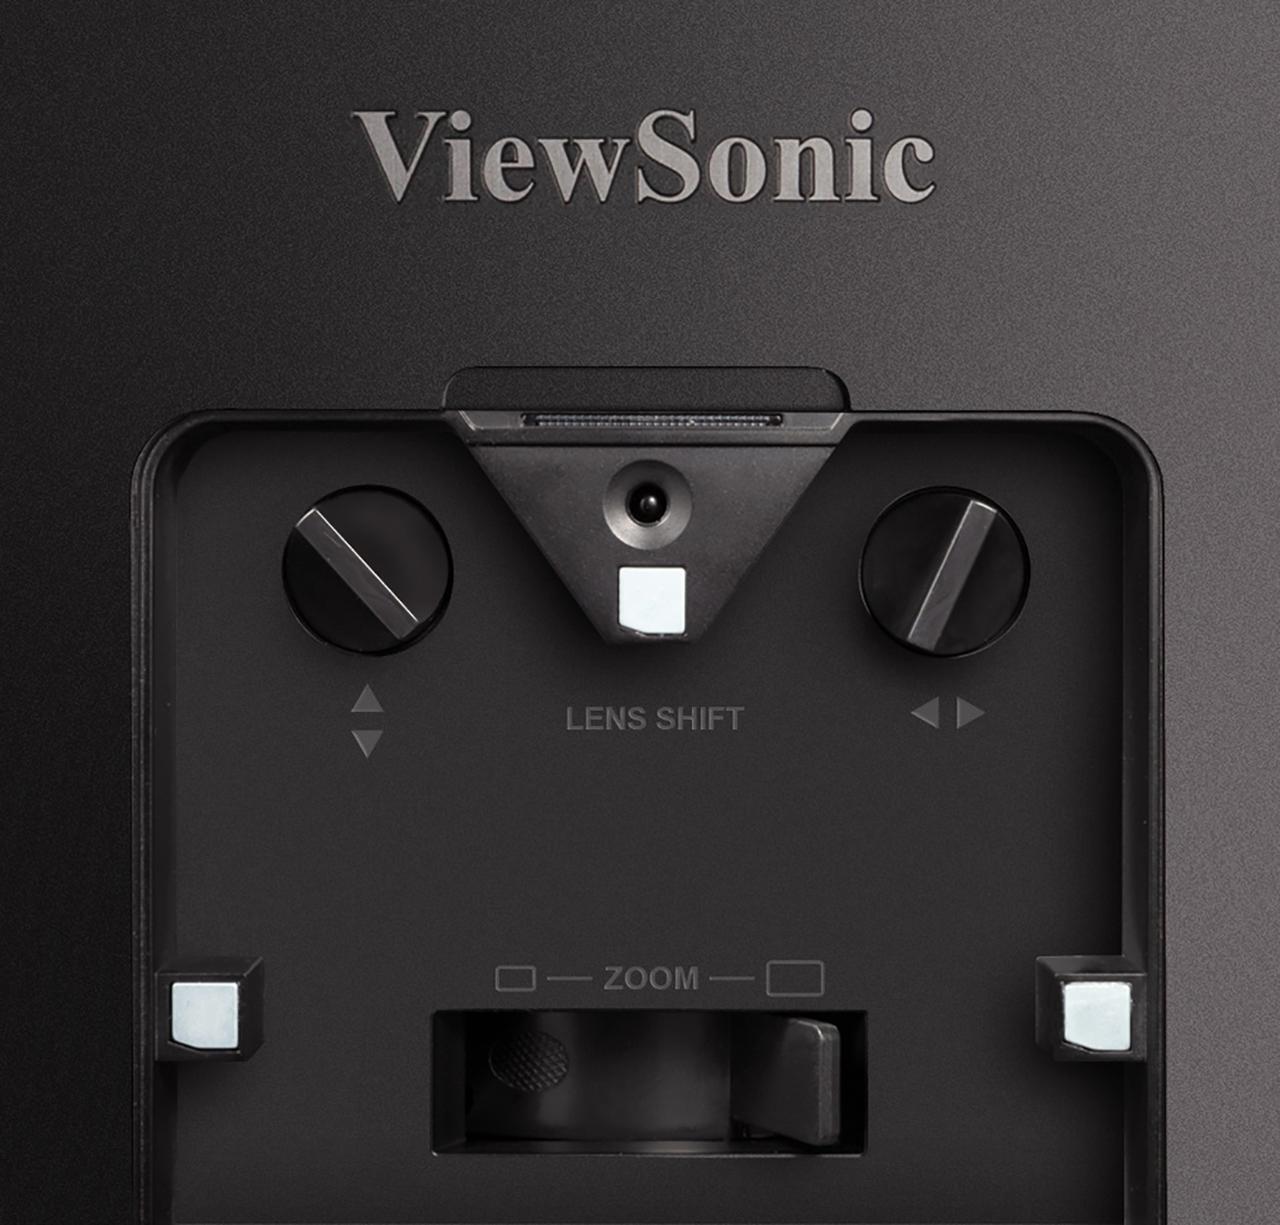 画像: ズームやシフトは本体天面の黒いパネルを開いて手動で調整する。ピントや台形補正はリモコンで操作可能だ